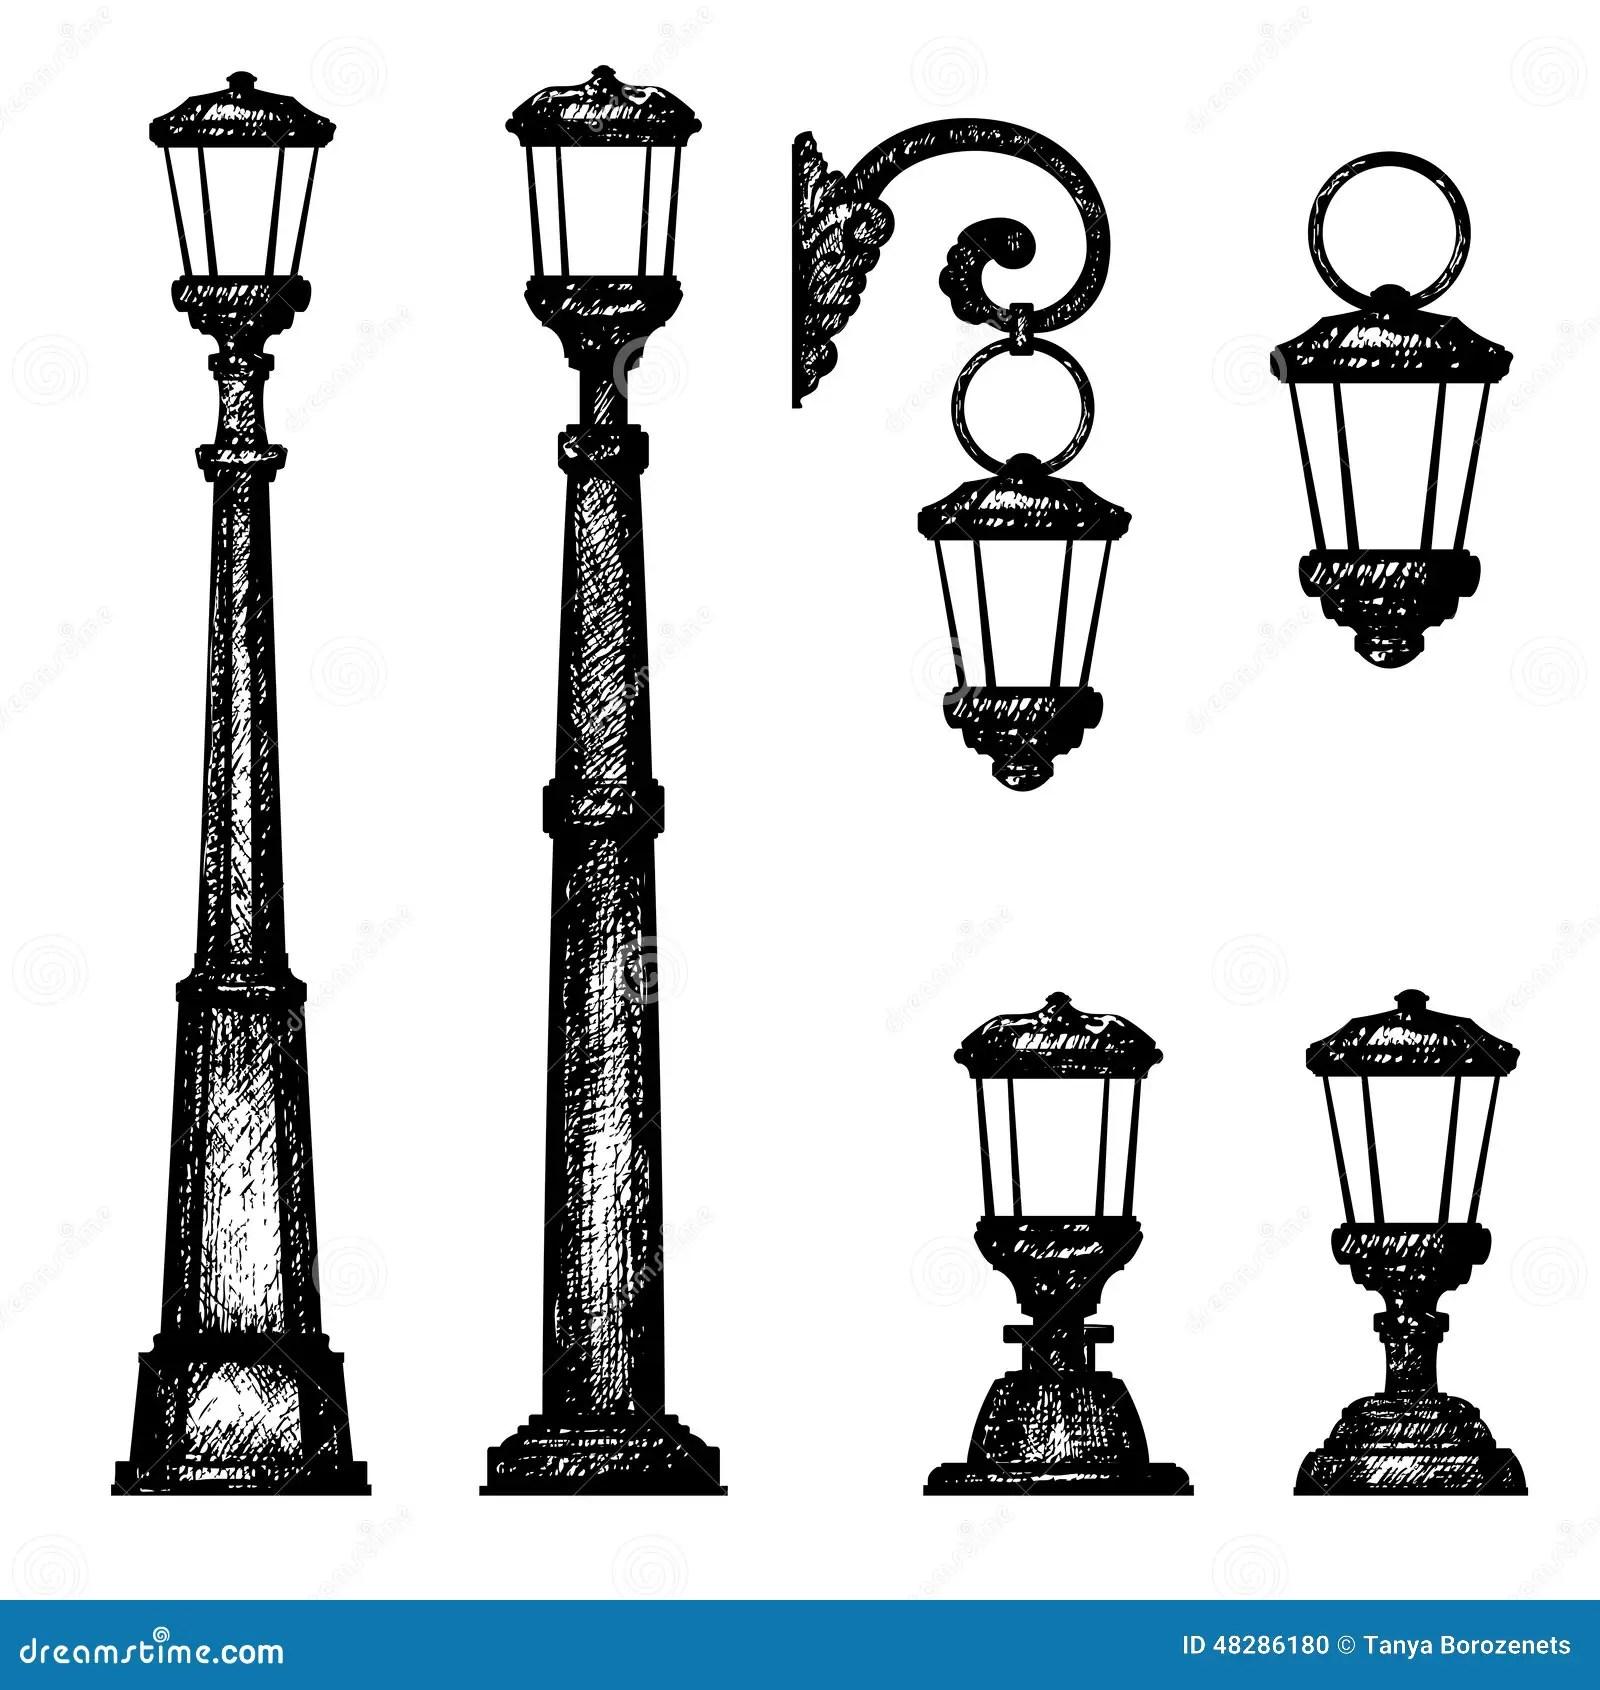 Sketch Of Street Light Stock Illustration Illustration